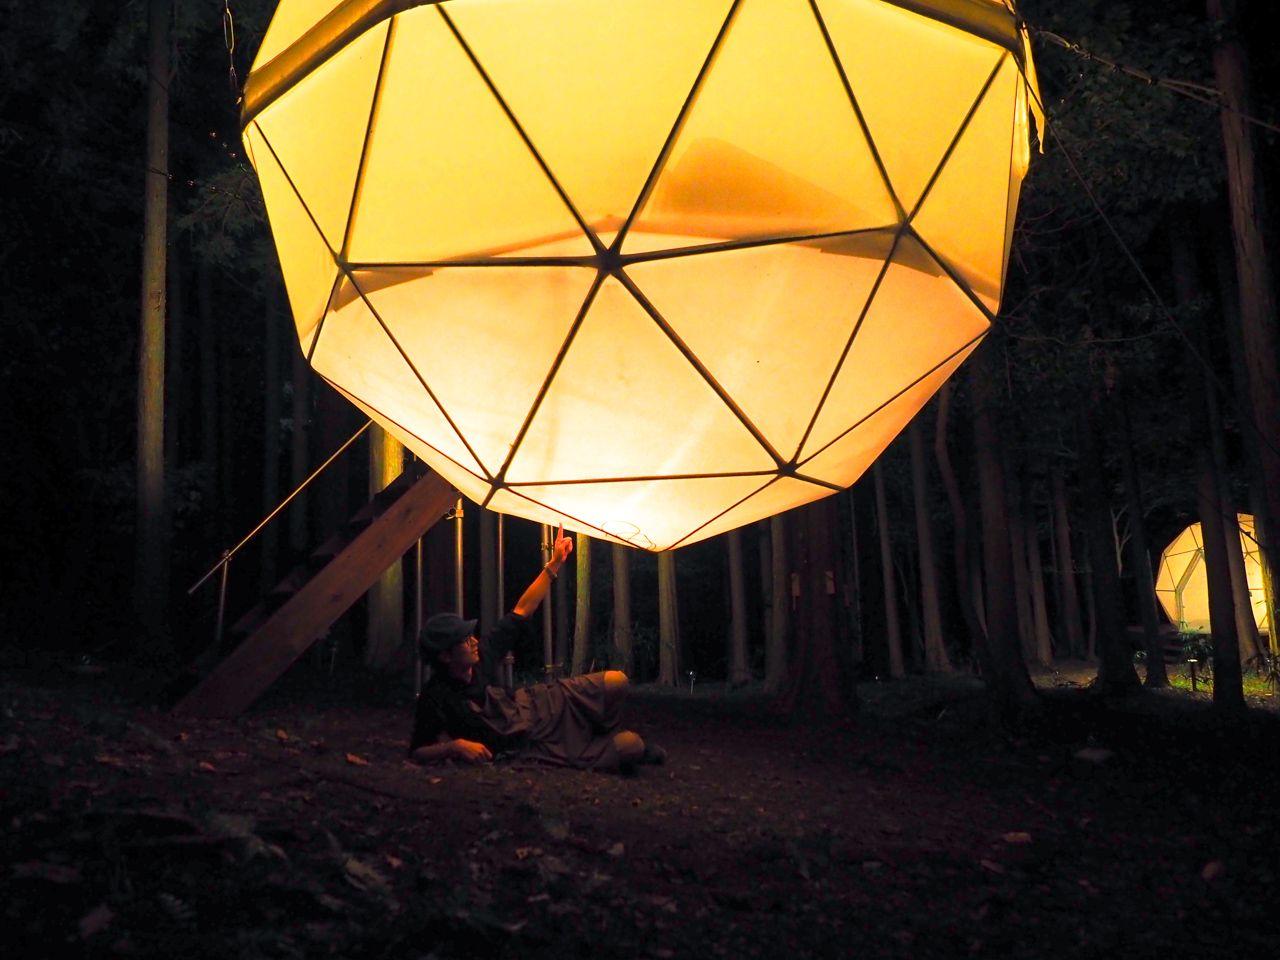 光る球体テントって、一体どうなってるの?